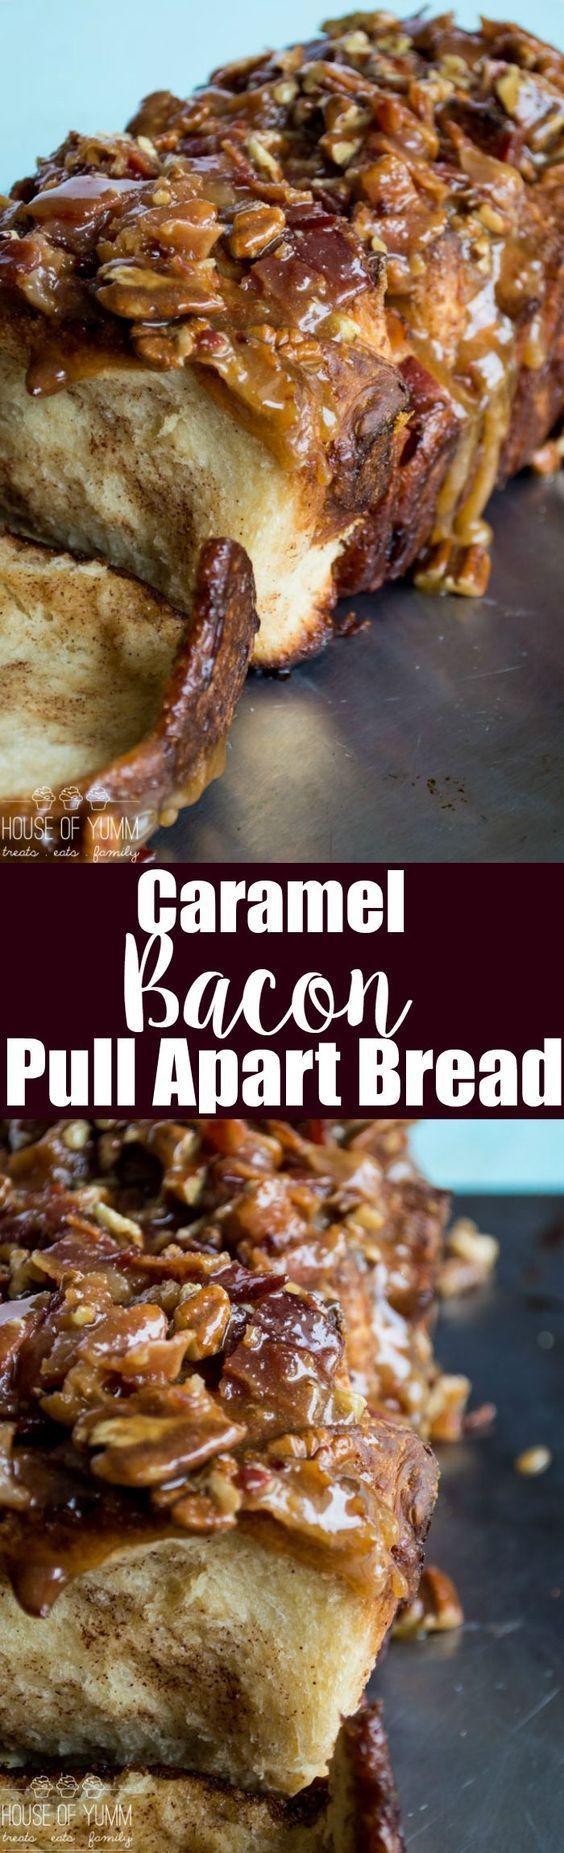 Caramel Bacon Pull Apart Bread